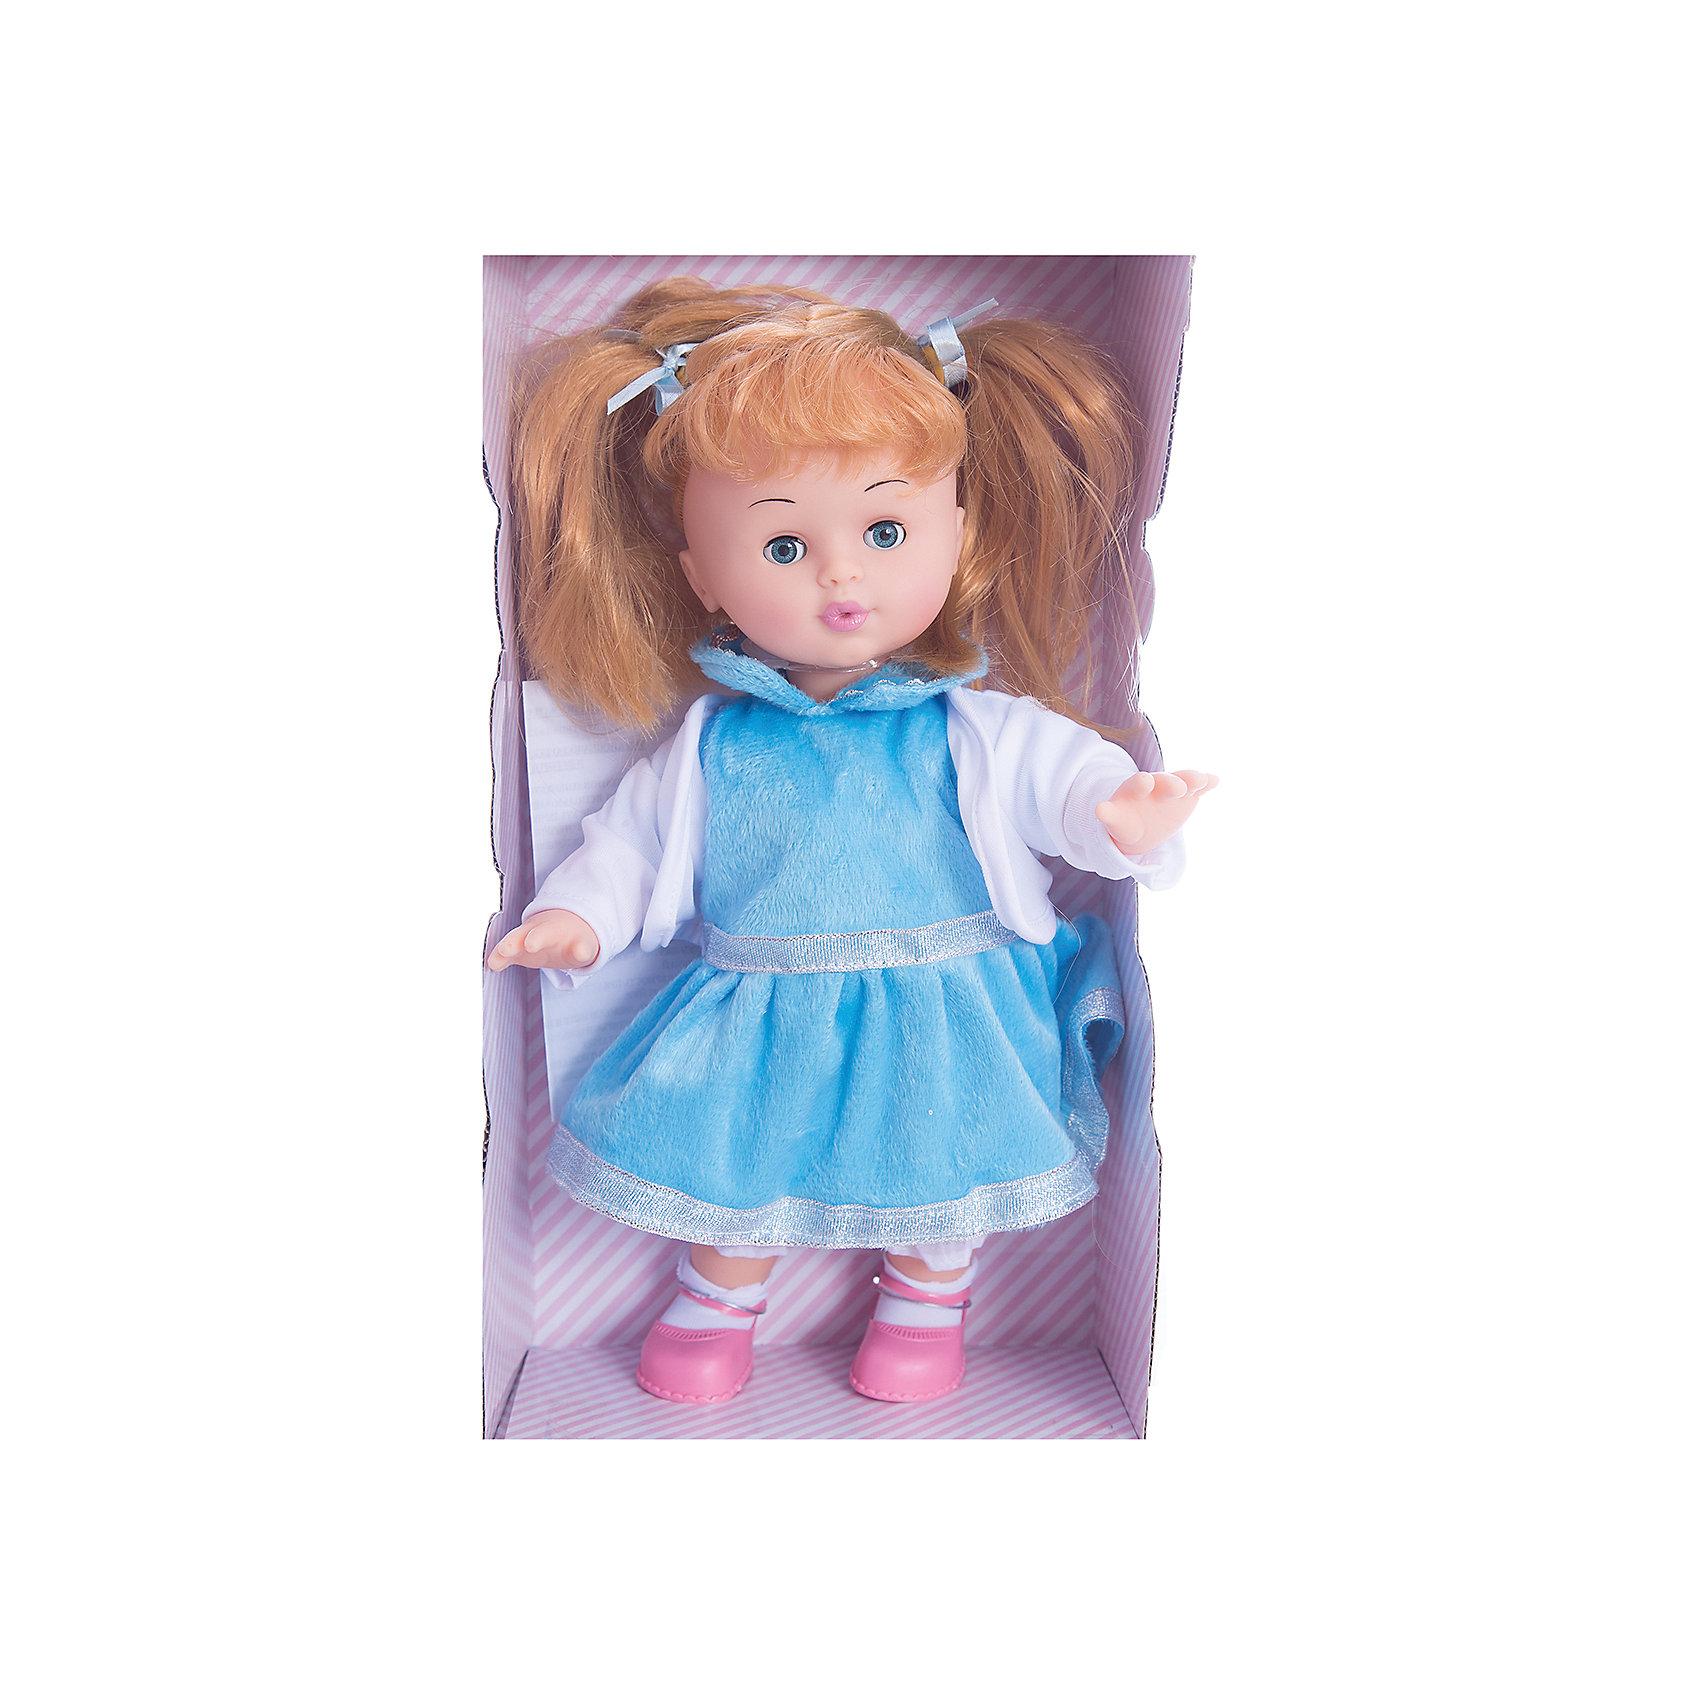 Кукла Карапуз, стихи и песни А. Барто (5 стихов и 3 песни), КарапузИнтерактивные куклы<br>Кукла для девочки - это не только игрушка, с которой можно весело провести время, кукла - это возможность отрабатывать навыки поведения в обществе, учиться заботе о других, делать прически и одеваться согласно моде и поводу.<br>Эта красивая кукла не только  симпатично выглядит, она дополнена звуковым модулем, поэтому может рассказывать стихи и петь песни! Игрушка красиво одета , у нее мягкое тело. Такая кукла запросто может стать самой любимой игрушкой! Произведена из безопасных для ребенка и качественных материалов.<br><br>Дополнительная информация:<br><br>цвет: разноцветный;<br>материал: пластик, текстиль;<br>звуковой модуль;<br>высота: 35 см.<br><br>Куклу Карапуз, стихи и песни А. Барто (5 стихов и 3 песни) можно купить в нашем магазине.<br><br>Ширина мм: 110<br>Глубина мм: 180<br>Высота мм: 340<br>Вес г: 680<br>Возраст от месяцев: 36<br>Возраст до месяцев: 72<br>Пол: Женский<br>Возраст: Детский<br>SKU: 4973069